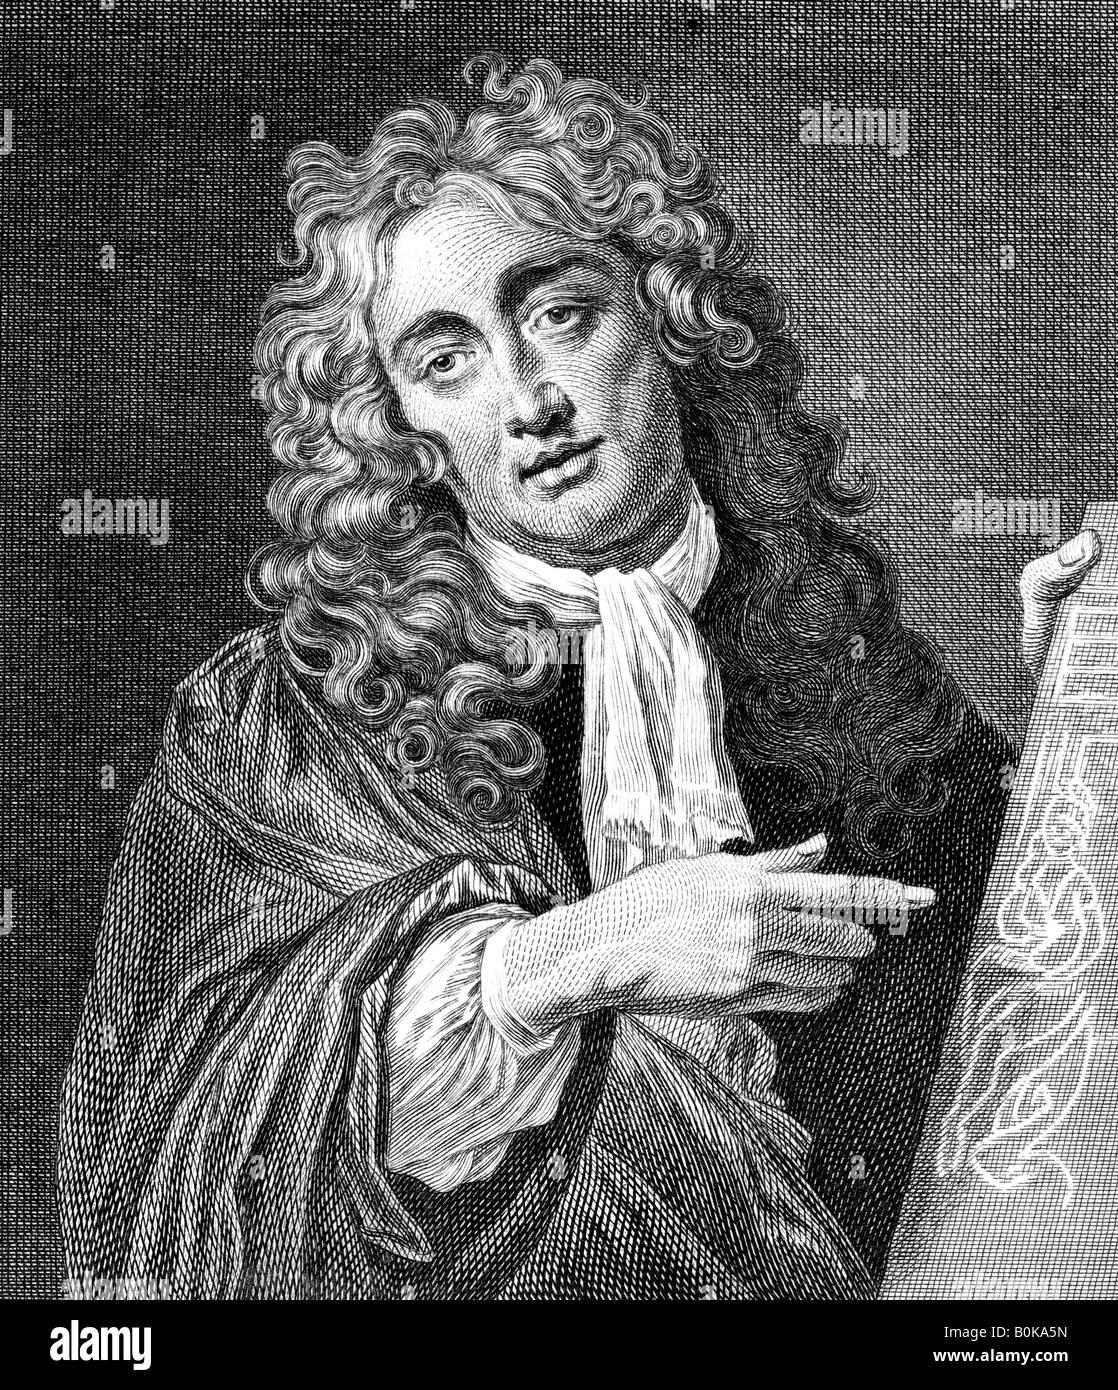 Abraham Hondius, Dutch Baroque era printmaker and painter. Artist: T Chambars - Stock Image